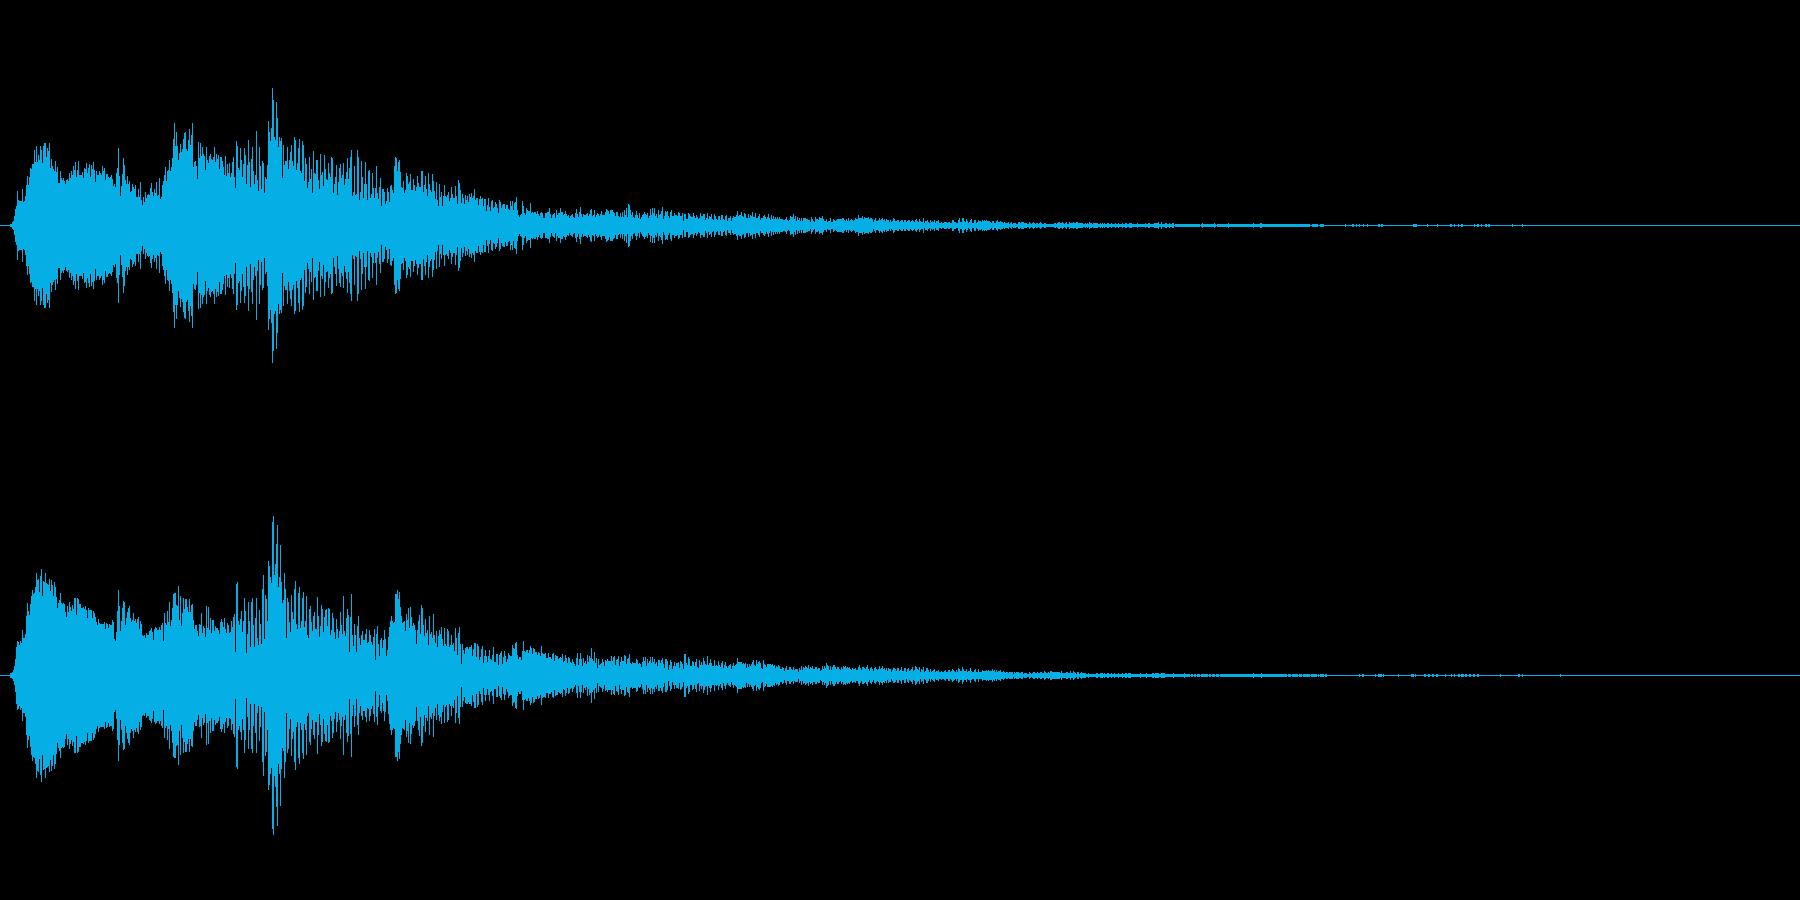 金属系バネ入り決定音(2音)高音の再生済みの波形